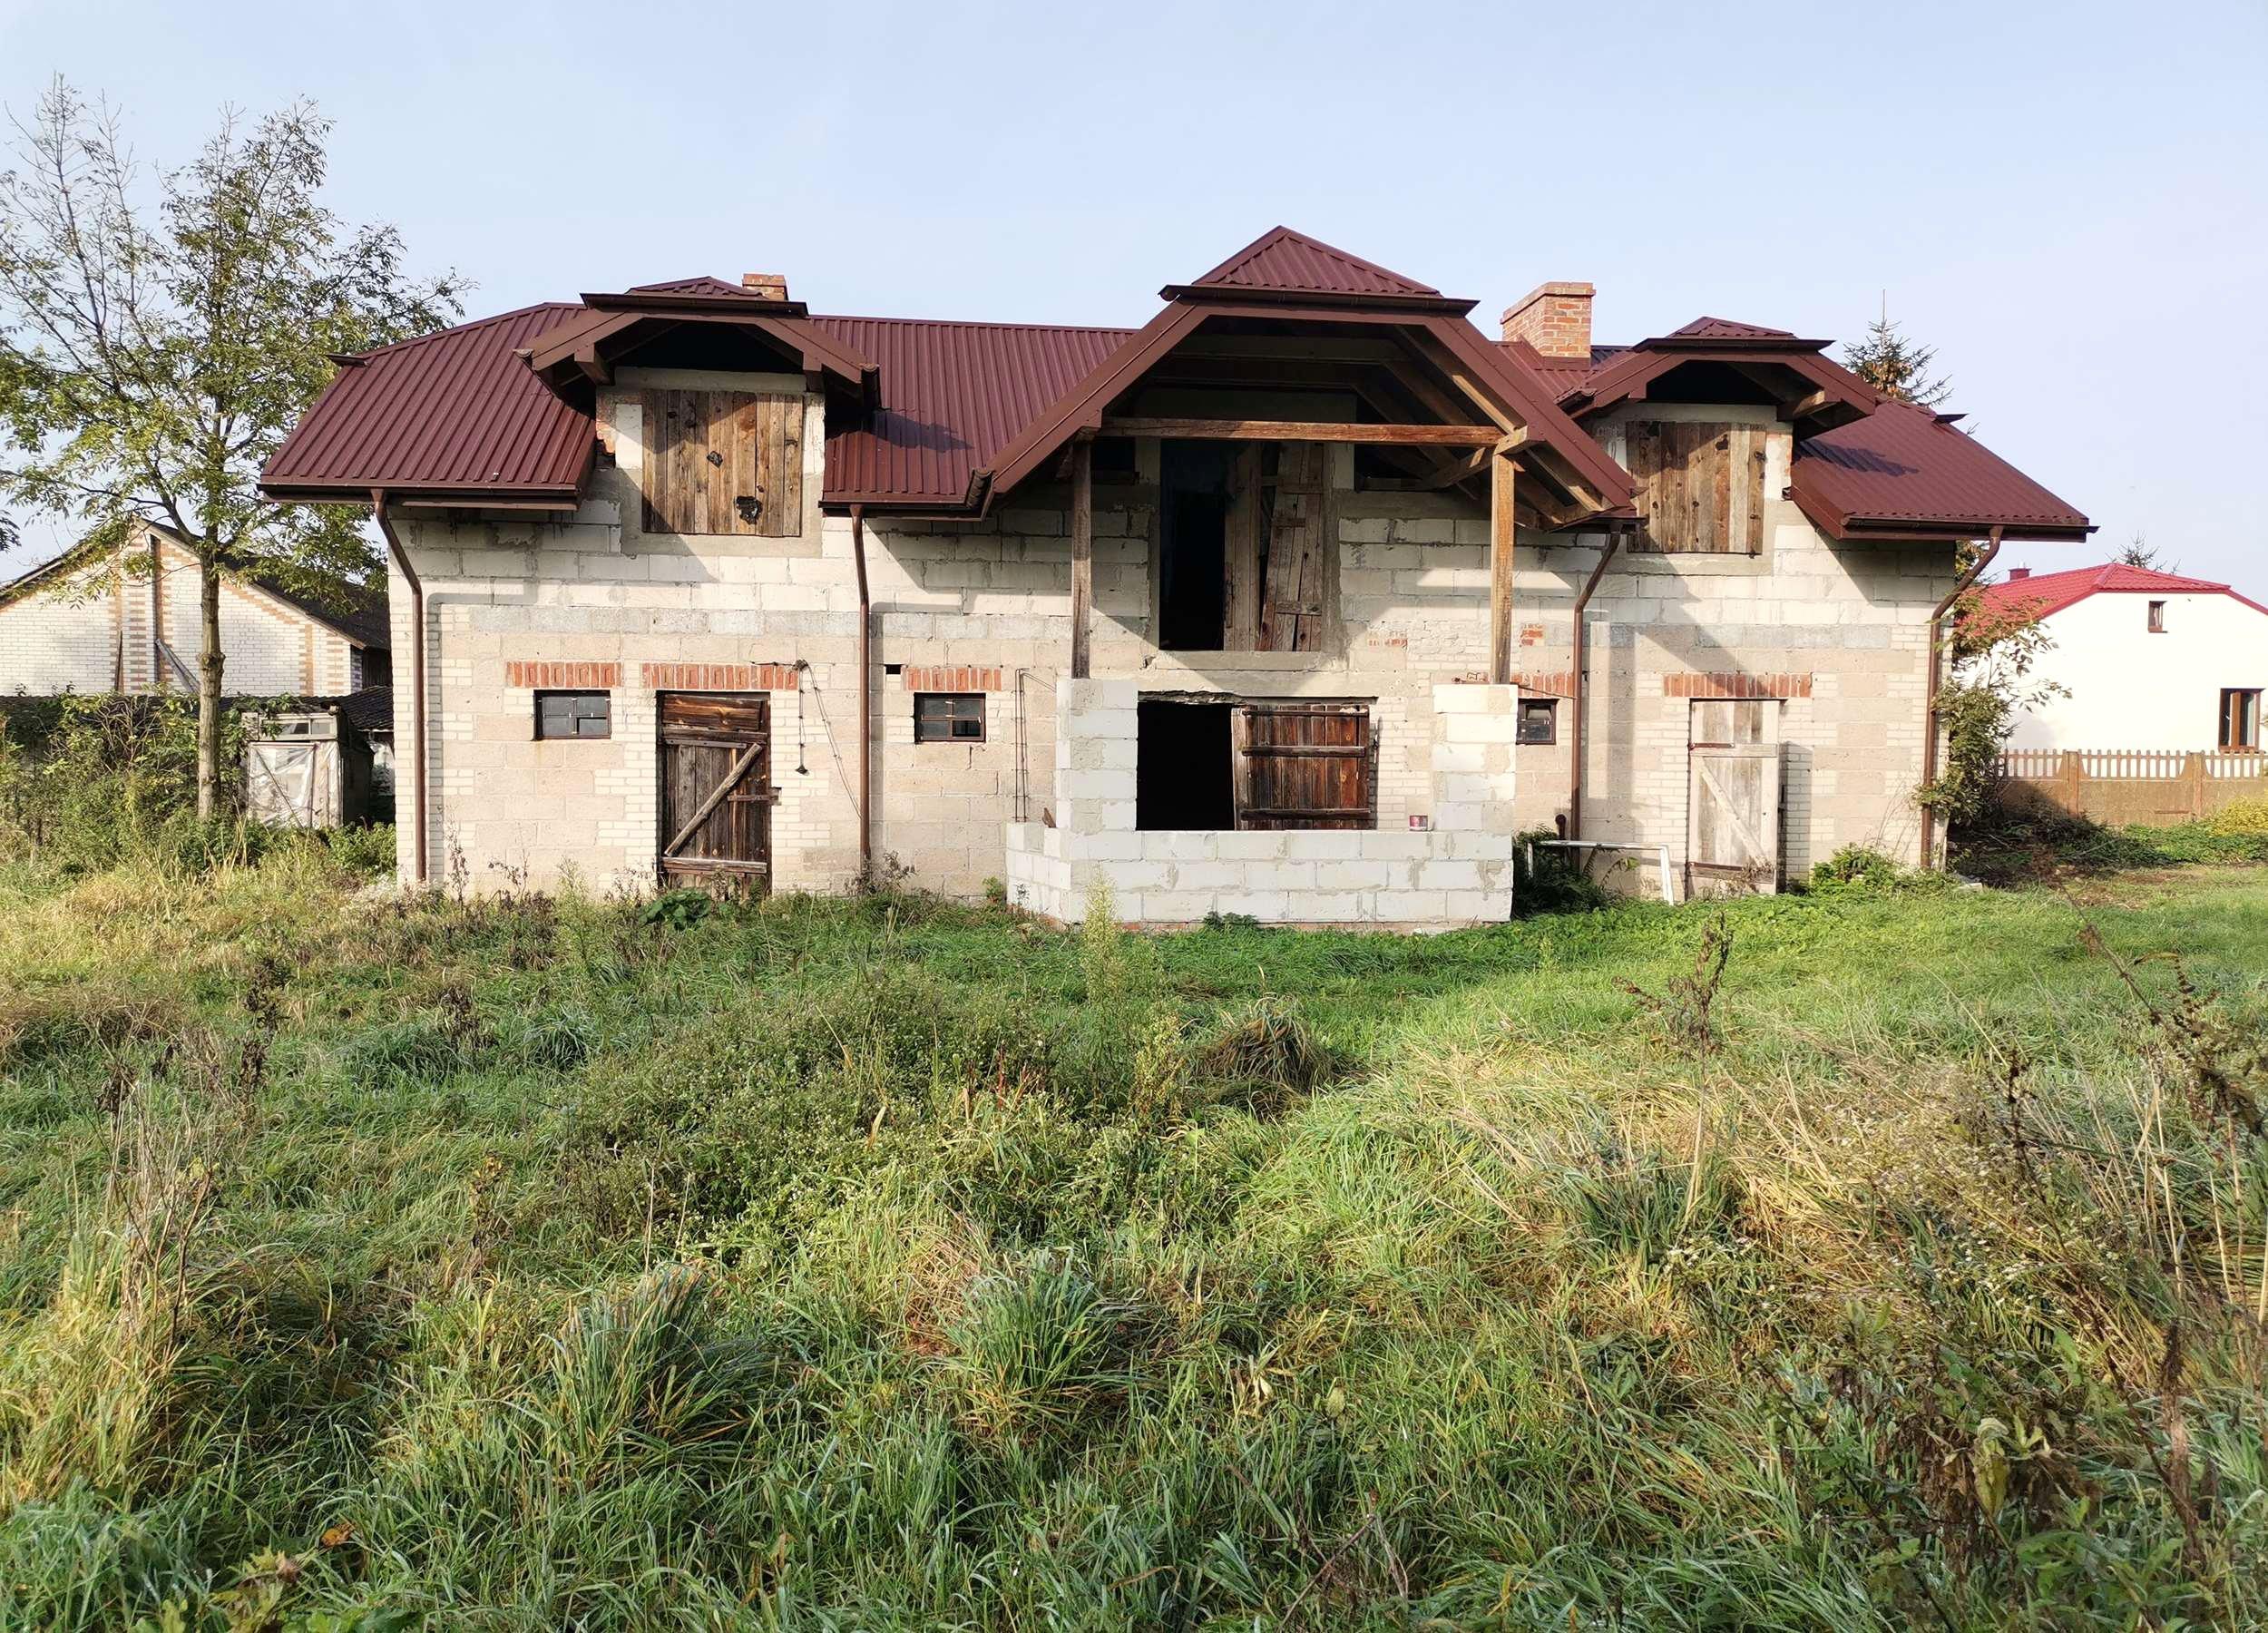 dom sitaniec kolo zamoscia - dom na sprzedaż - Krzysztof Górski Nieruchomości Zamość